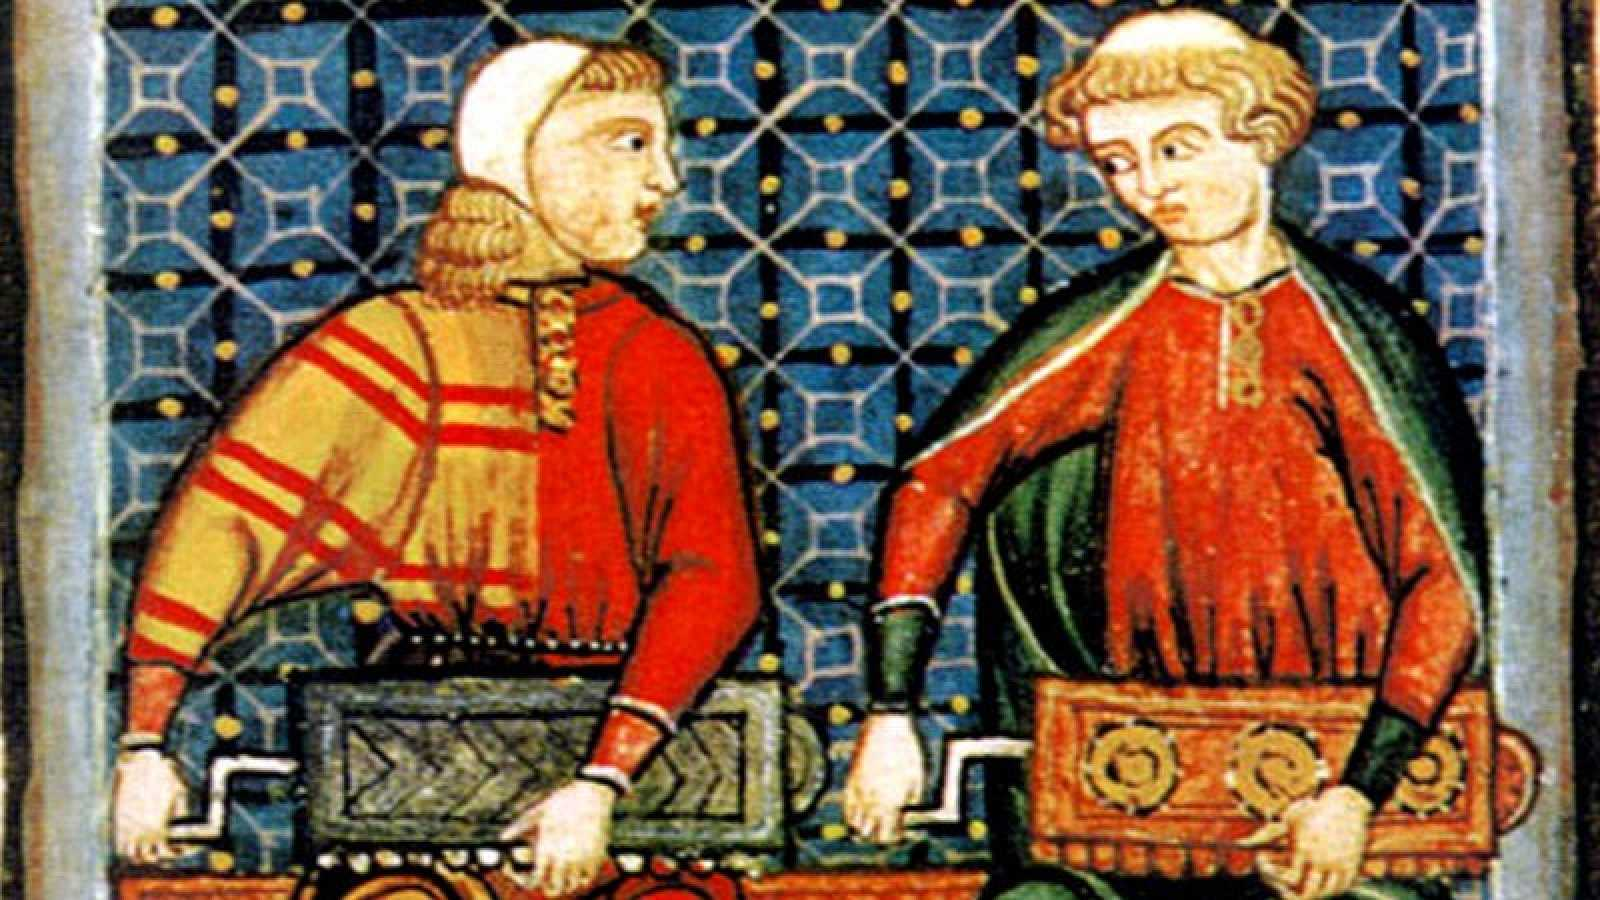 Música antigua - Códices y manuscritos: tesoros de otros tiempos - 17/11/20 - escuchar ahora